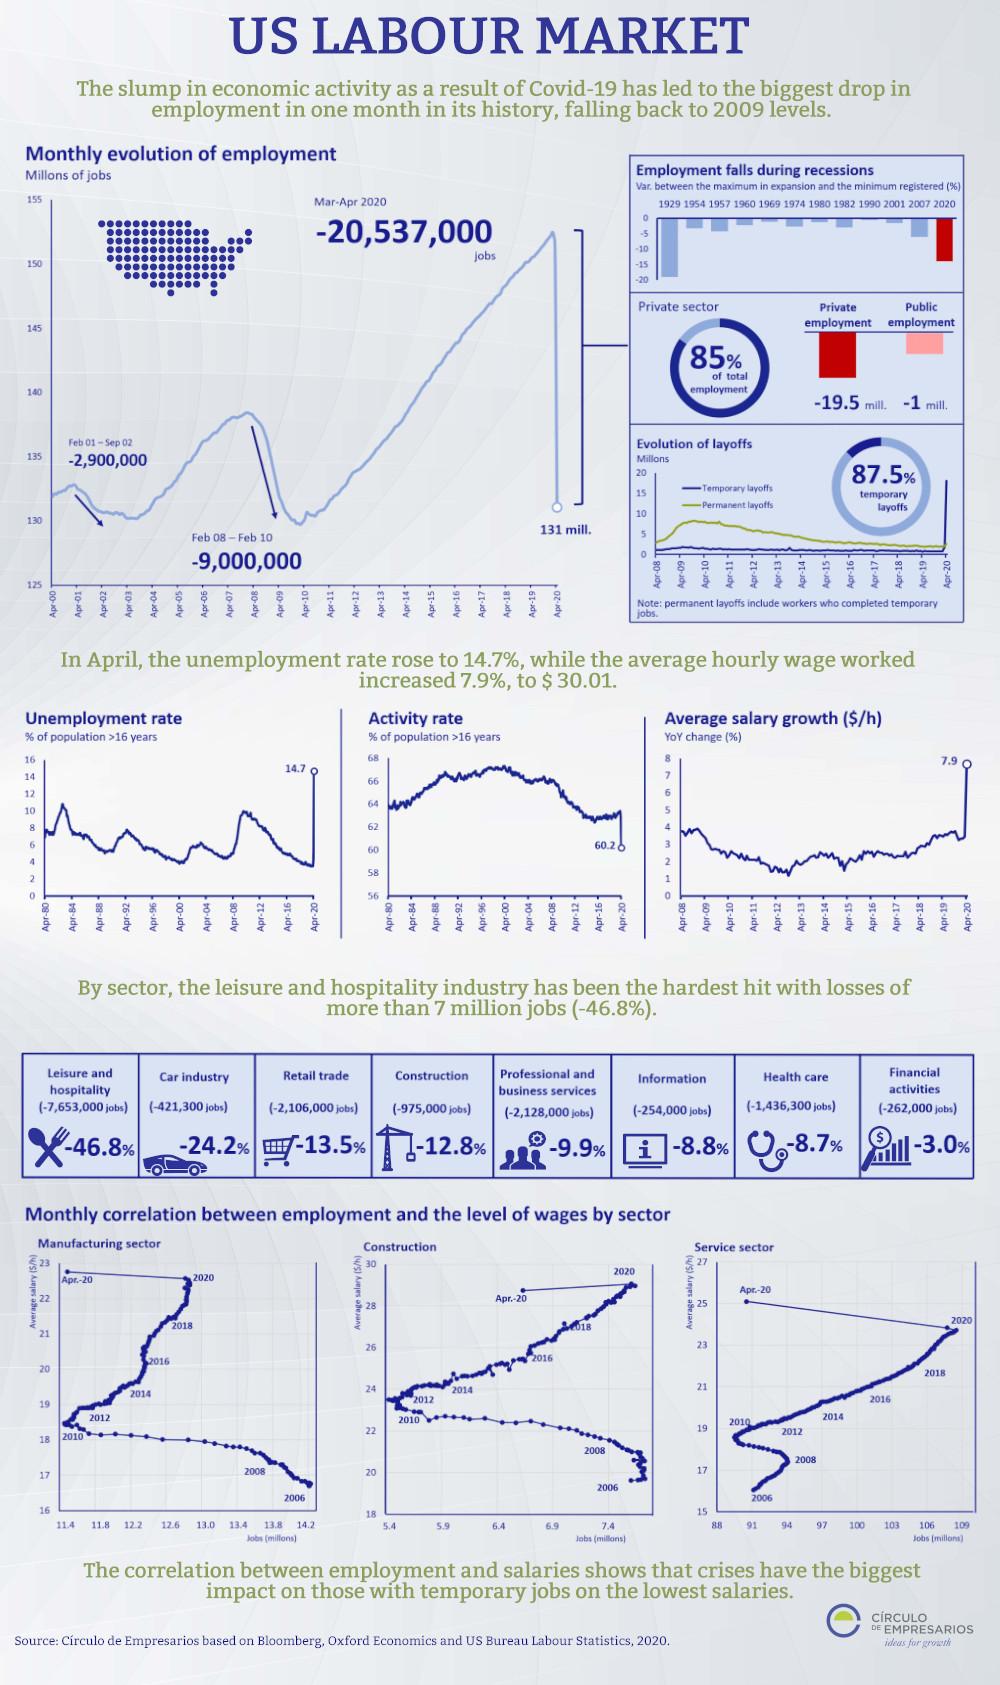 Infographic-US-LABOUR-MARKET-May-2020-Circulo-de-Empresarios-1000px